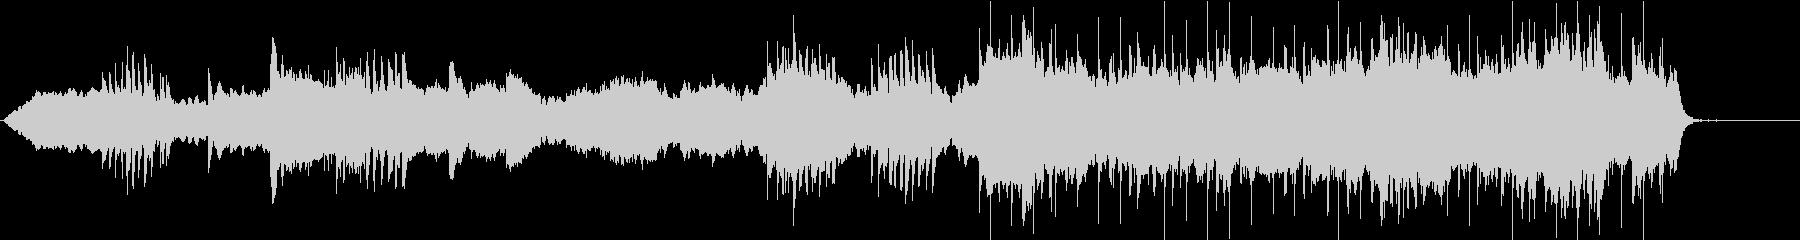 深く静かな神秘的イメージのBGMの未再生の波形